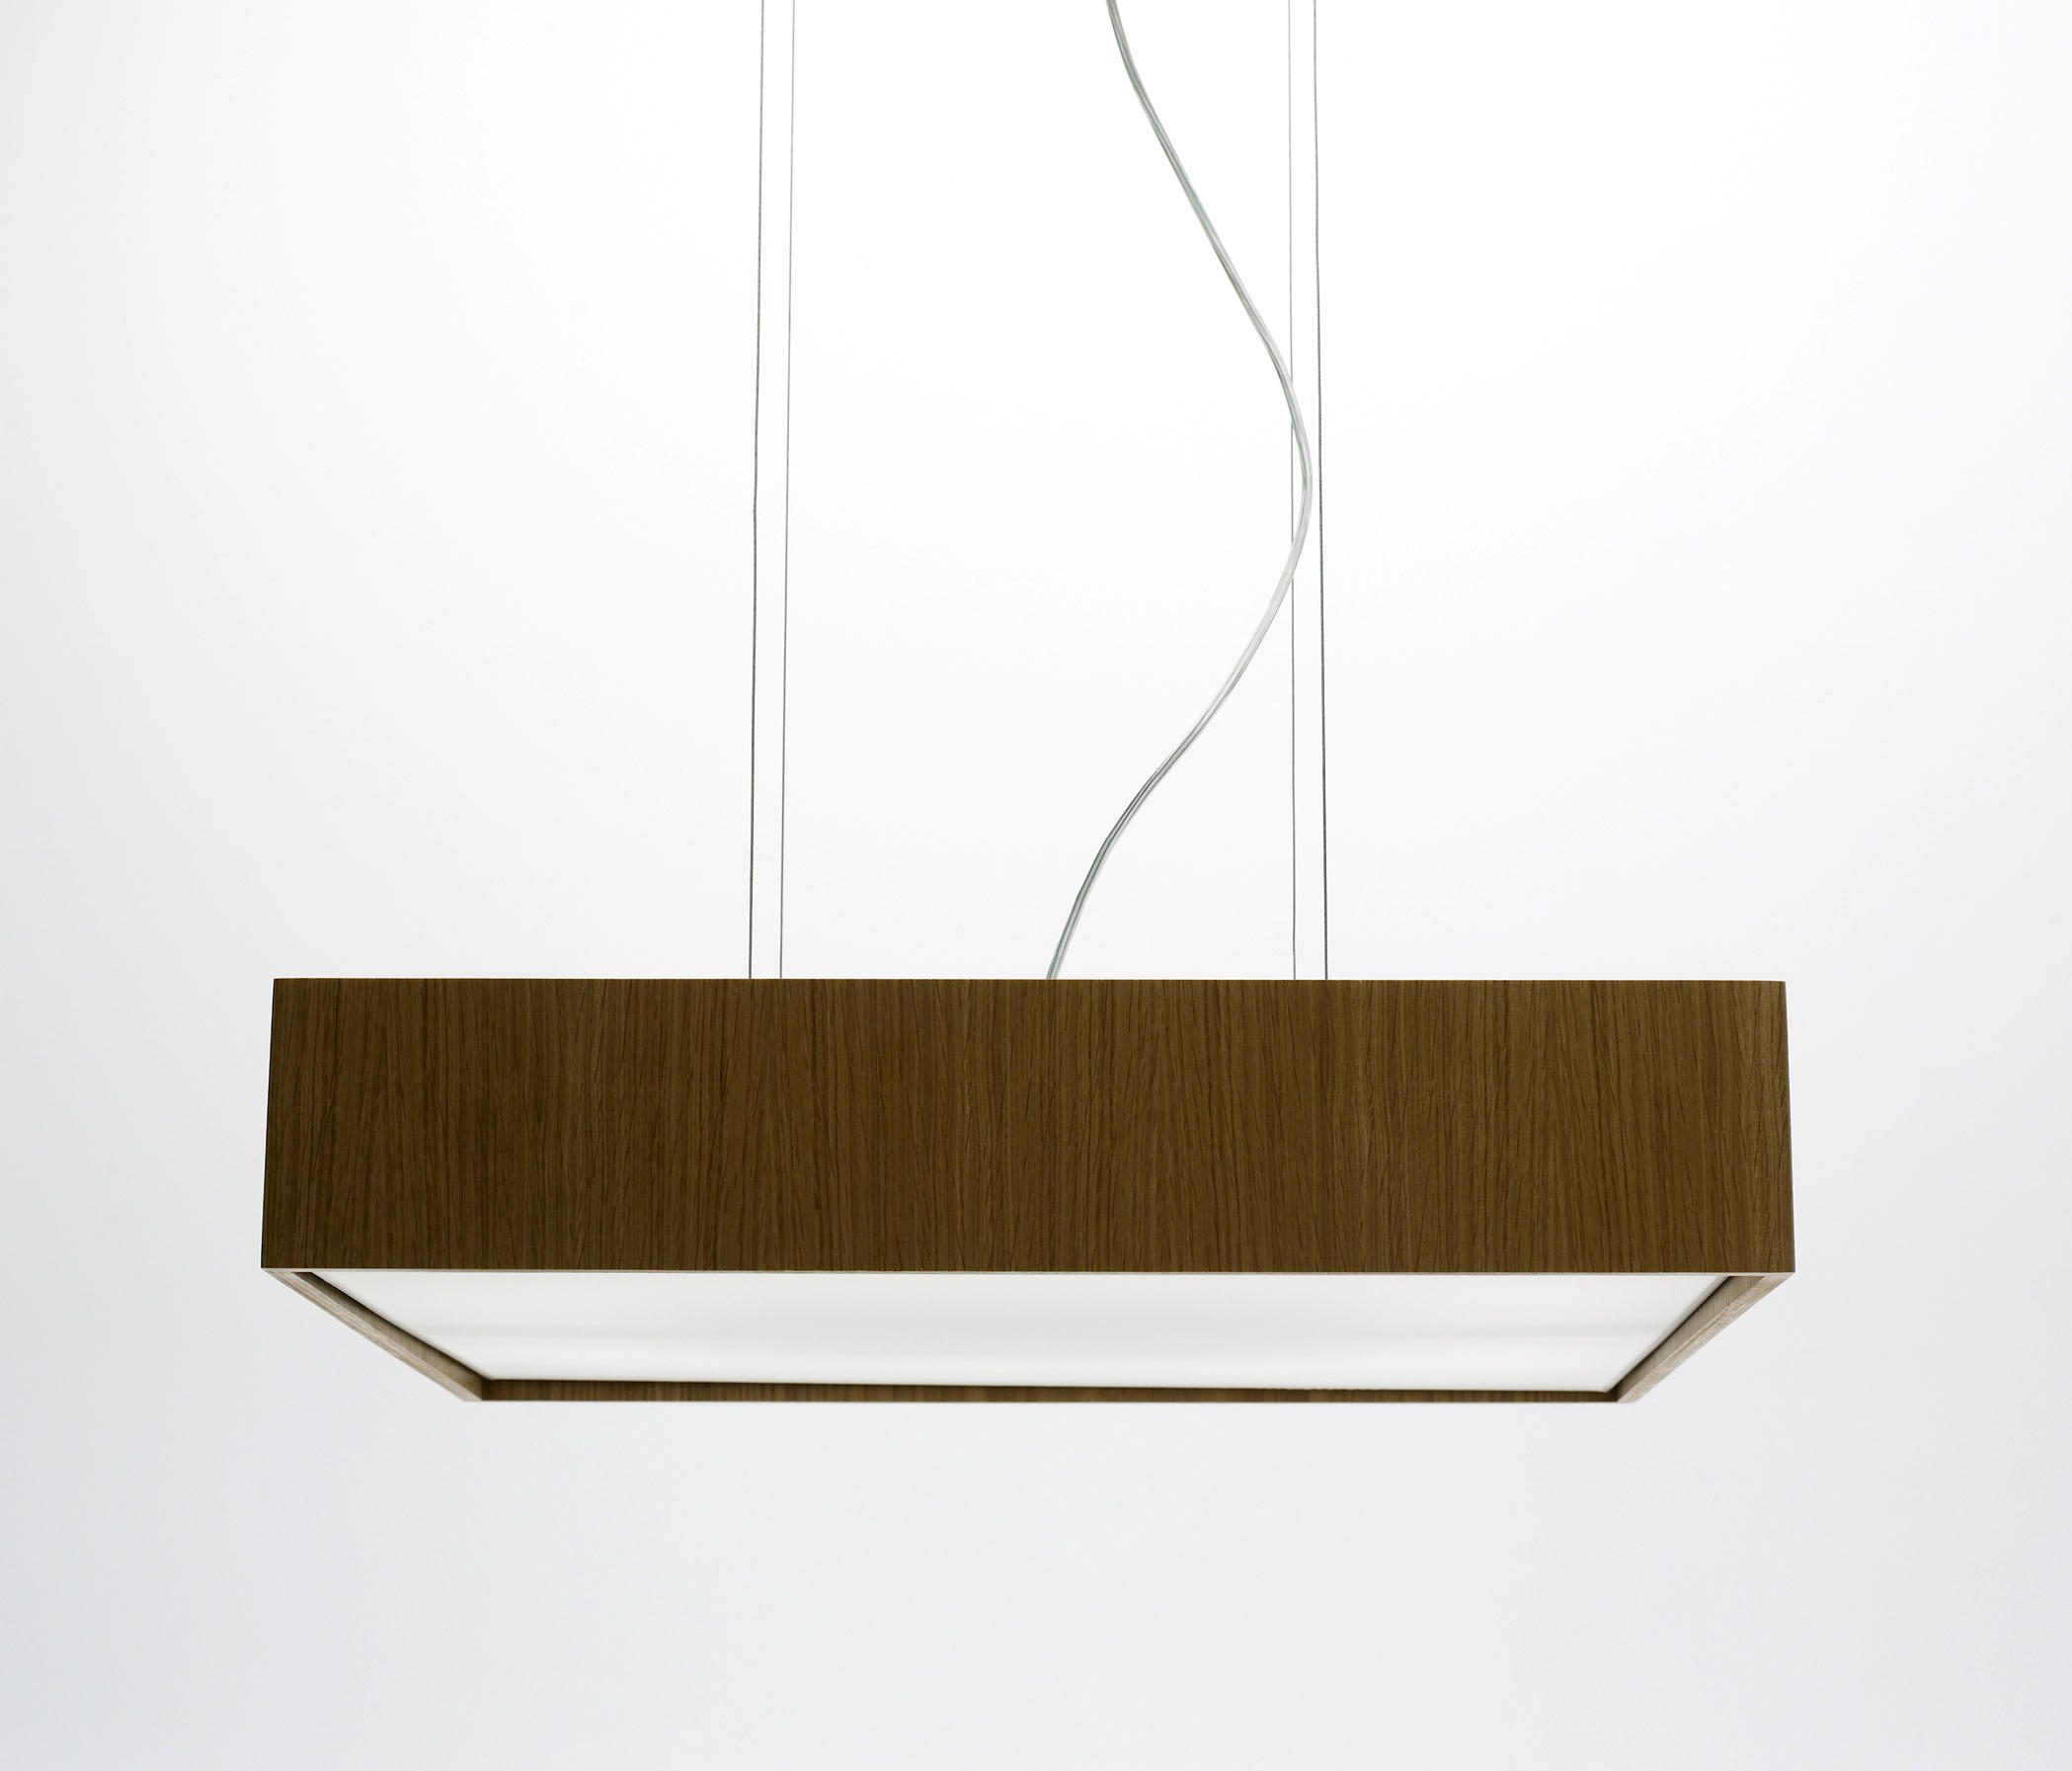 Quadrat S60x60 Lampe Suspension LED 4x12,4W - Bois wengue